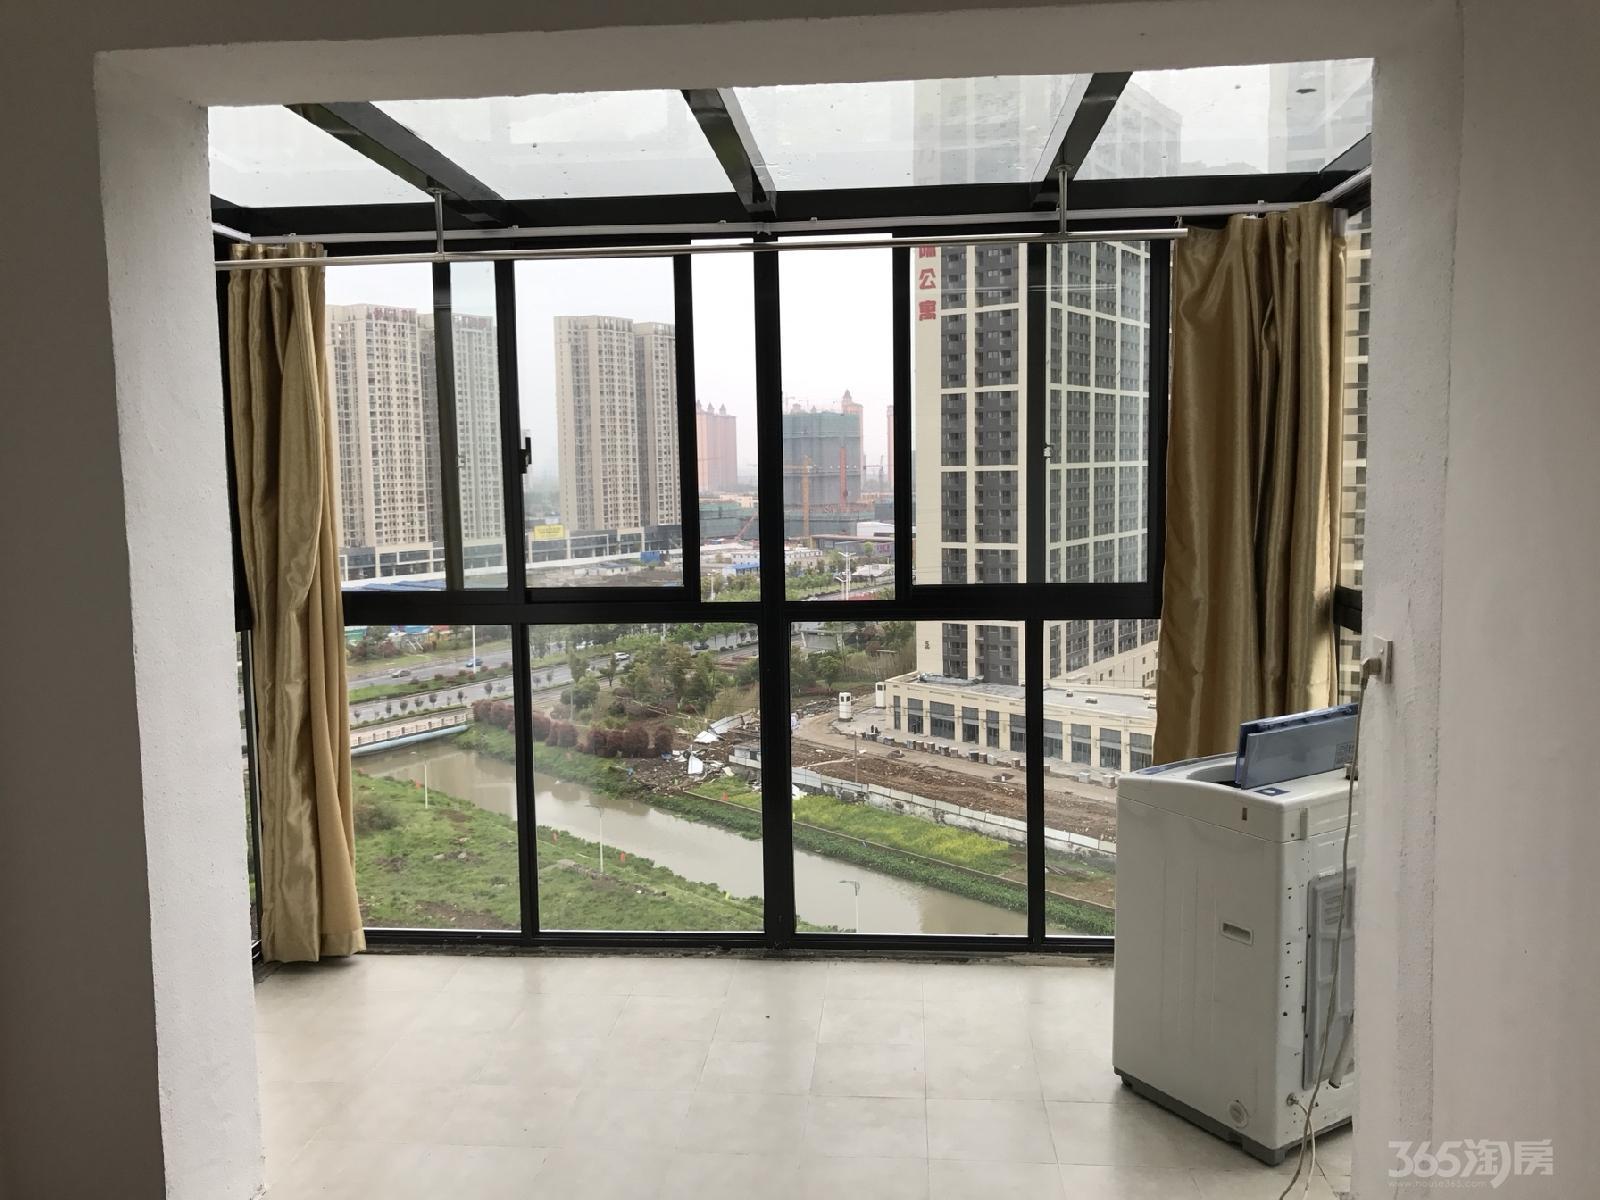 明发新城中心3室2厅1卫送大露台115.00万元